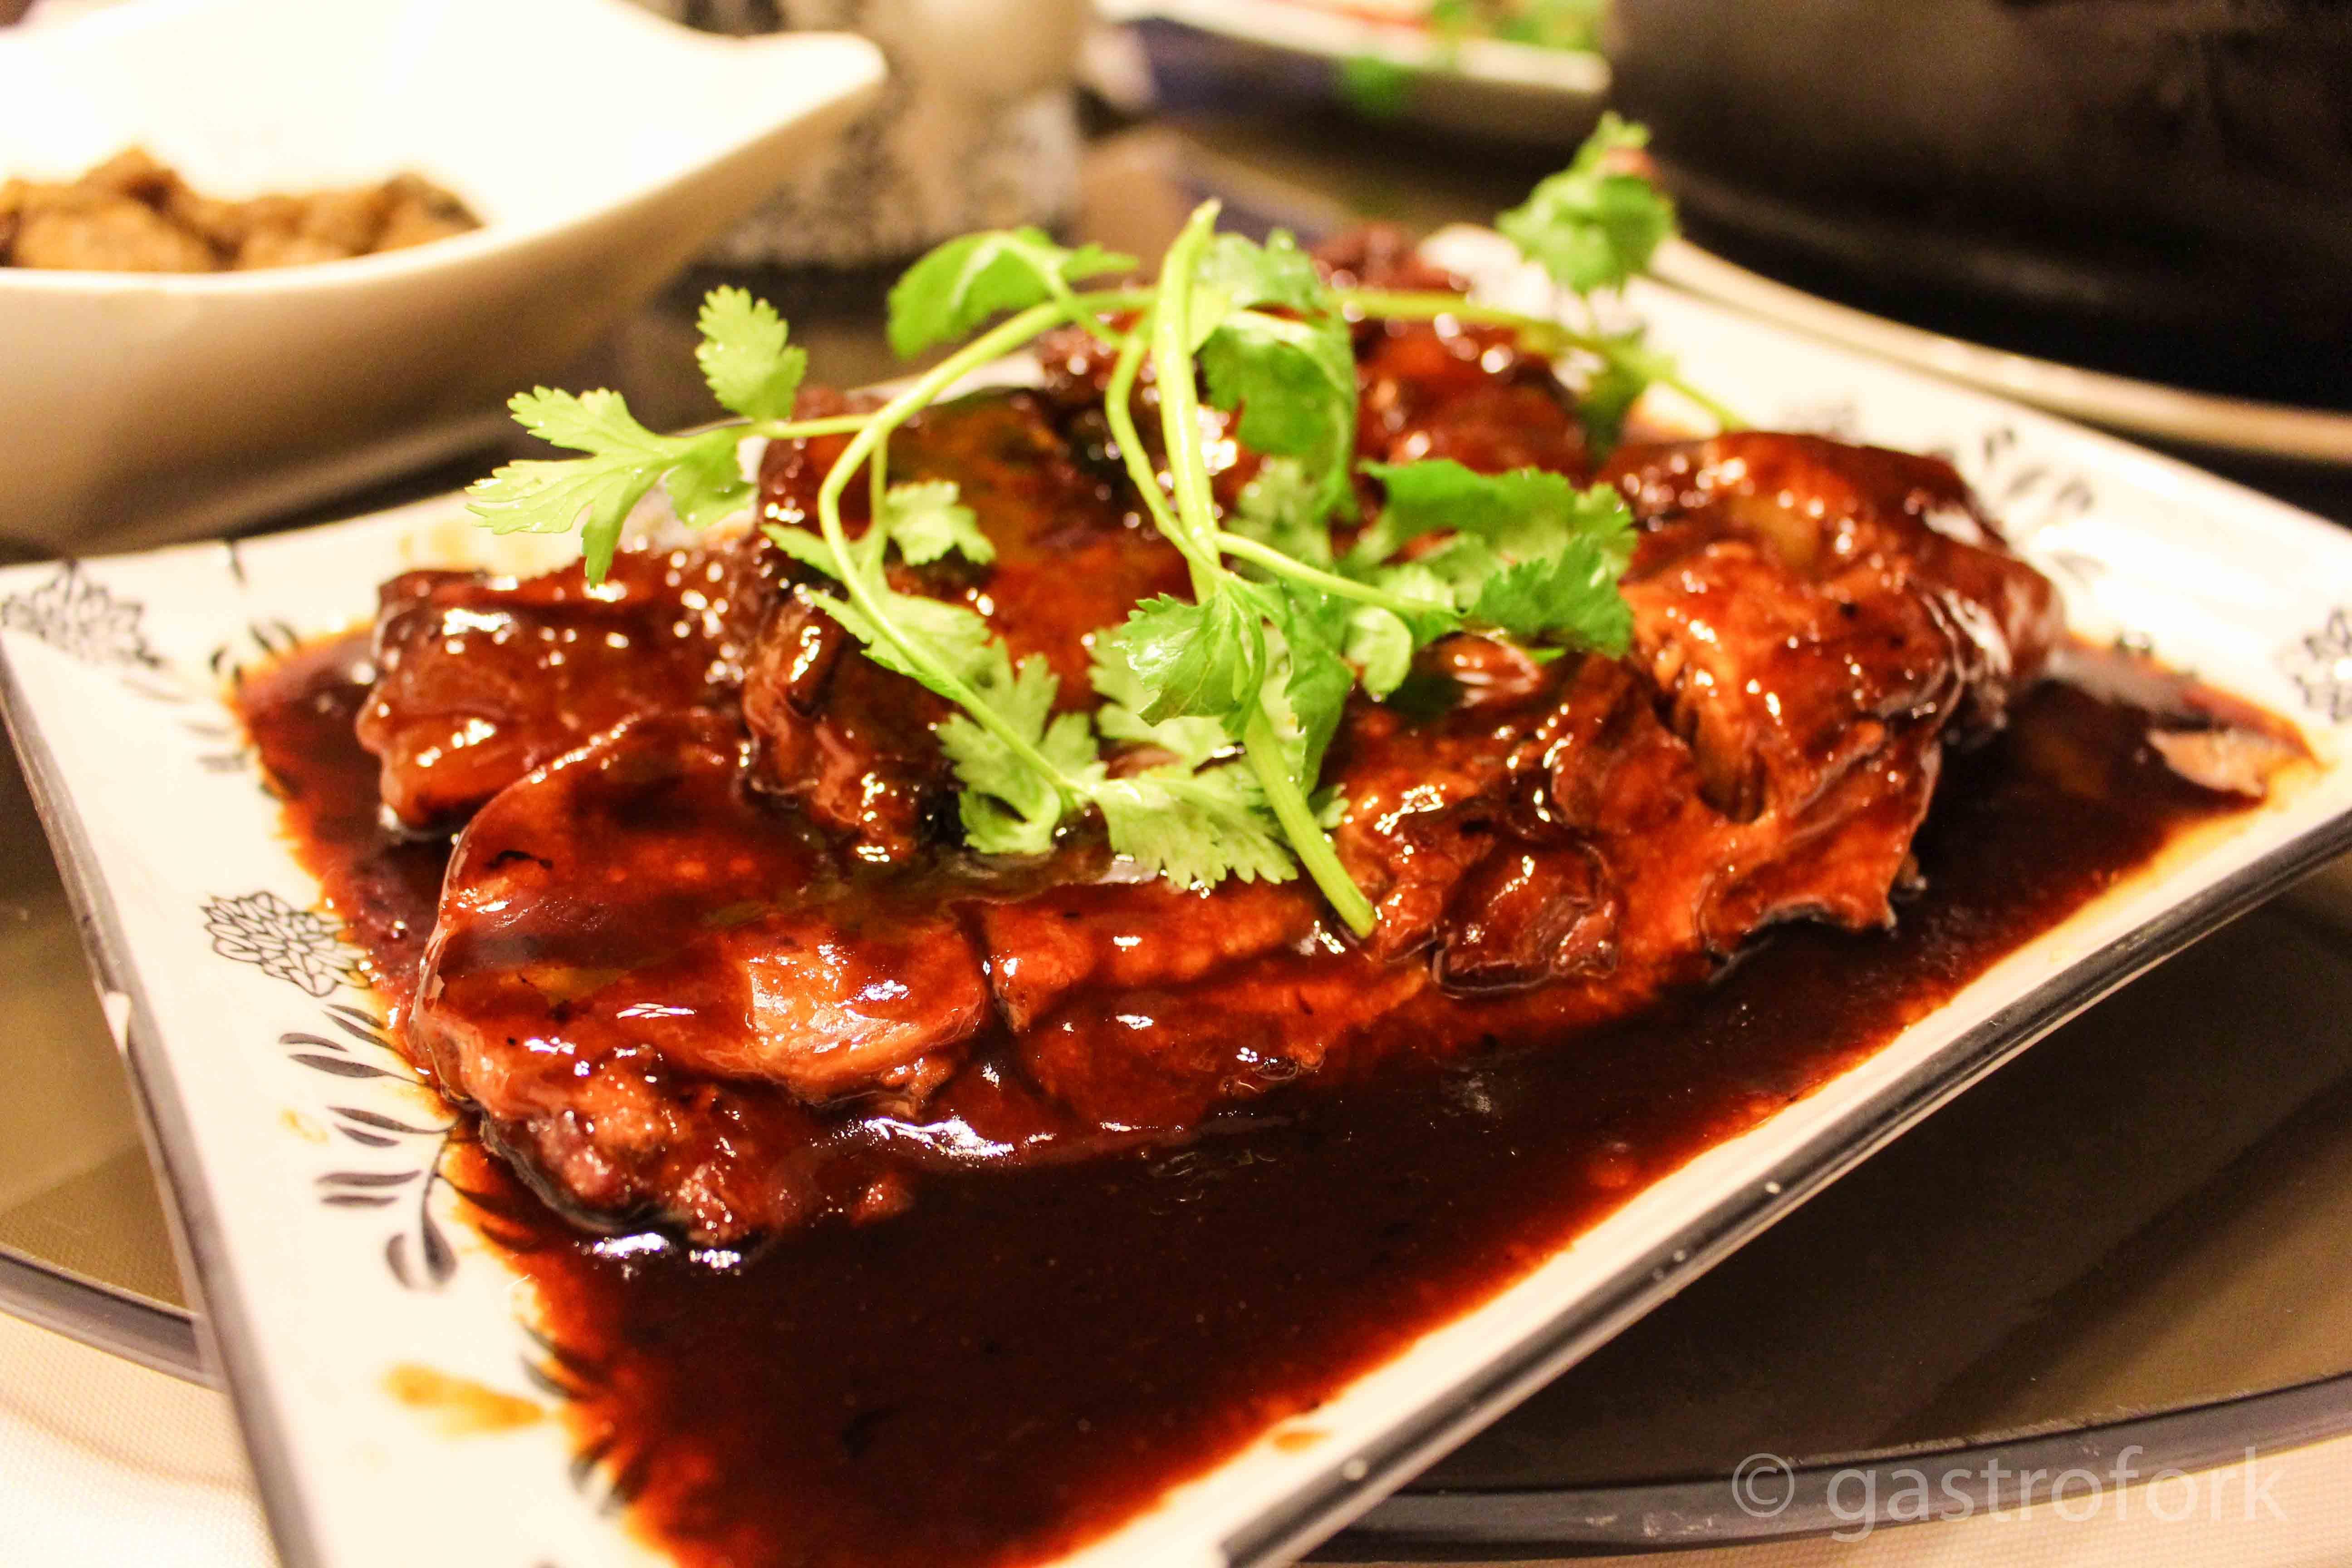 lins cuisine-9549